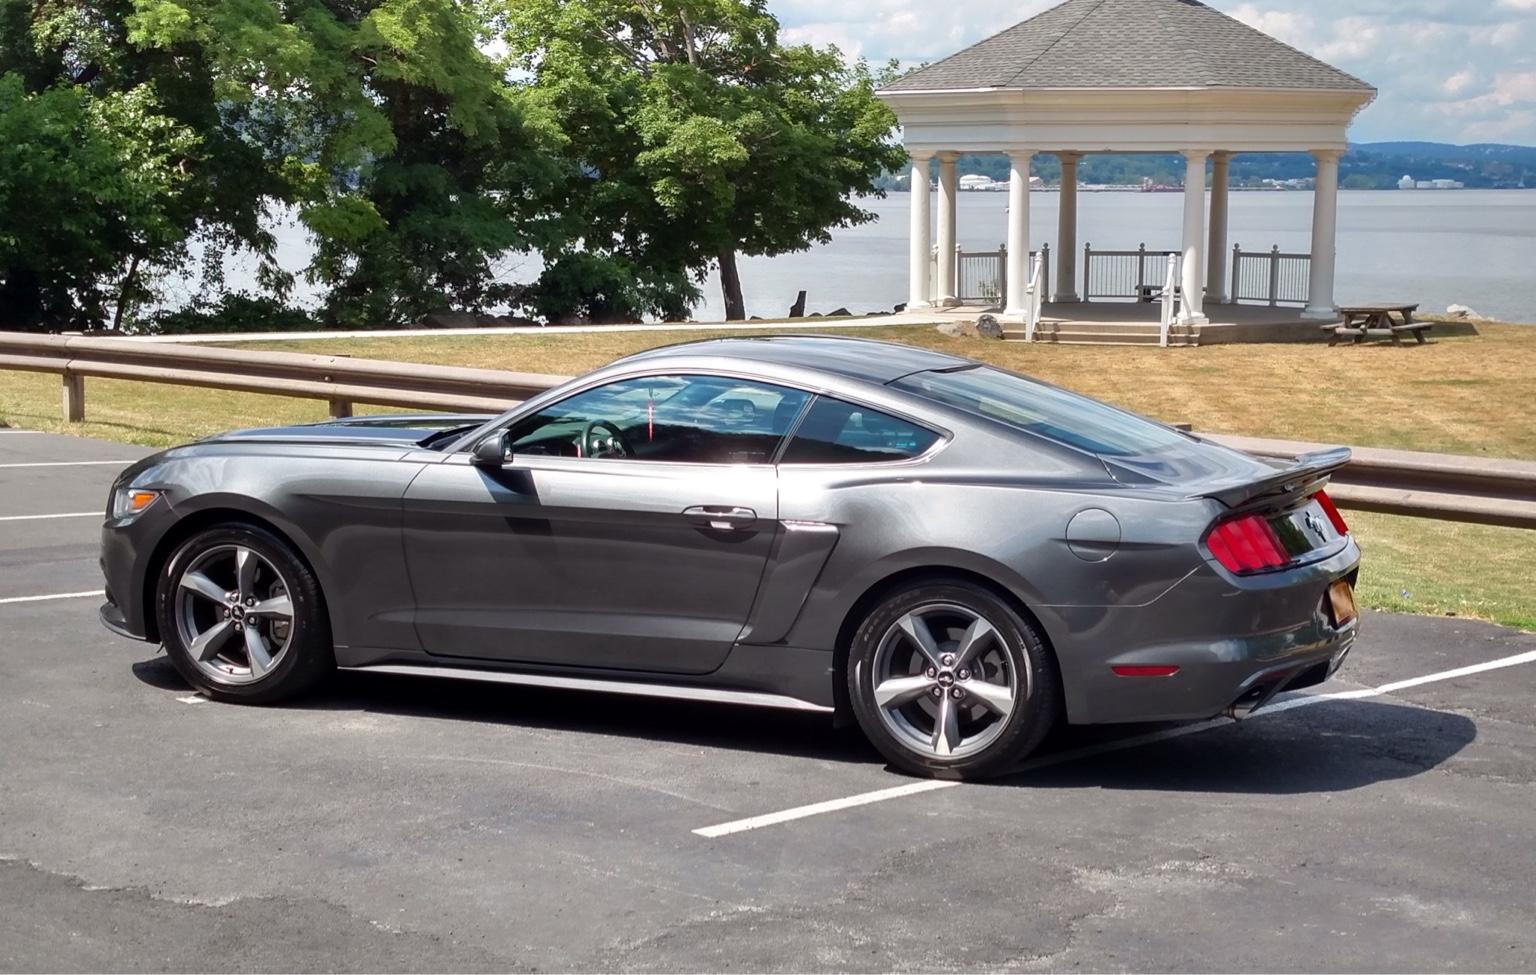 I M New Here 2015 Mustang V6 Mustang Evolution Forum